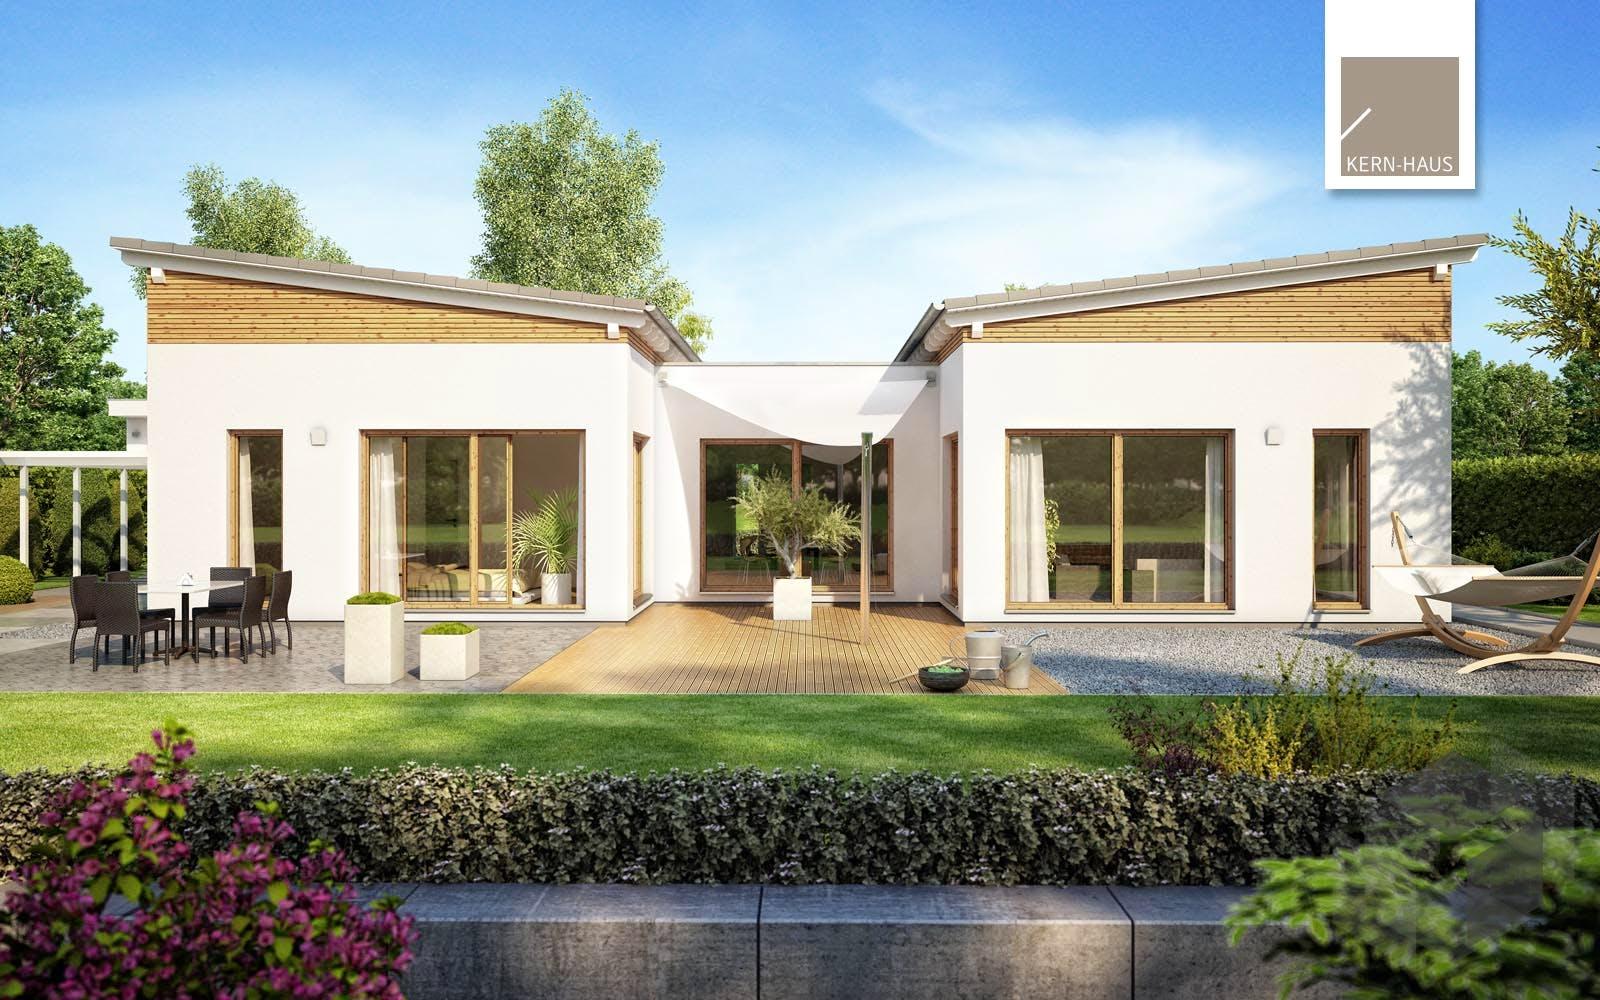 bungalow fokus von kern haus komplette daten bersicht. Black Bedroom Furniture Sets. Home Design Ideas